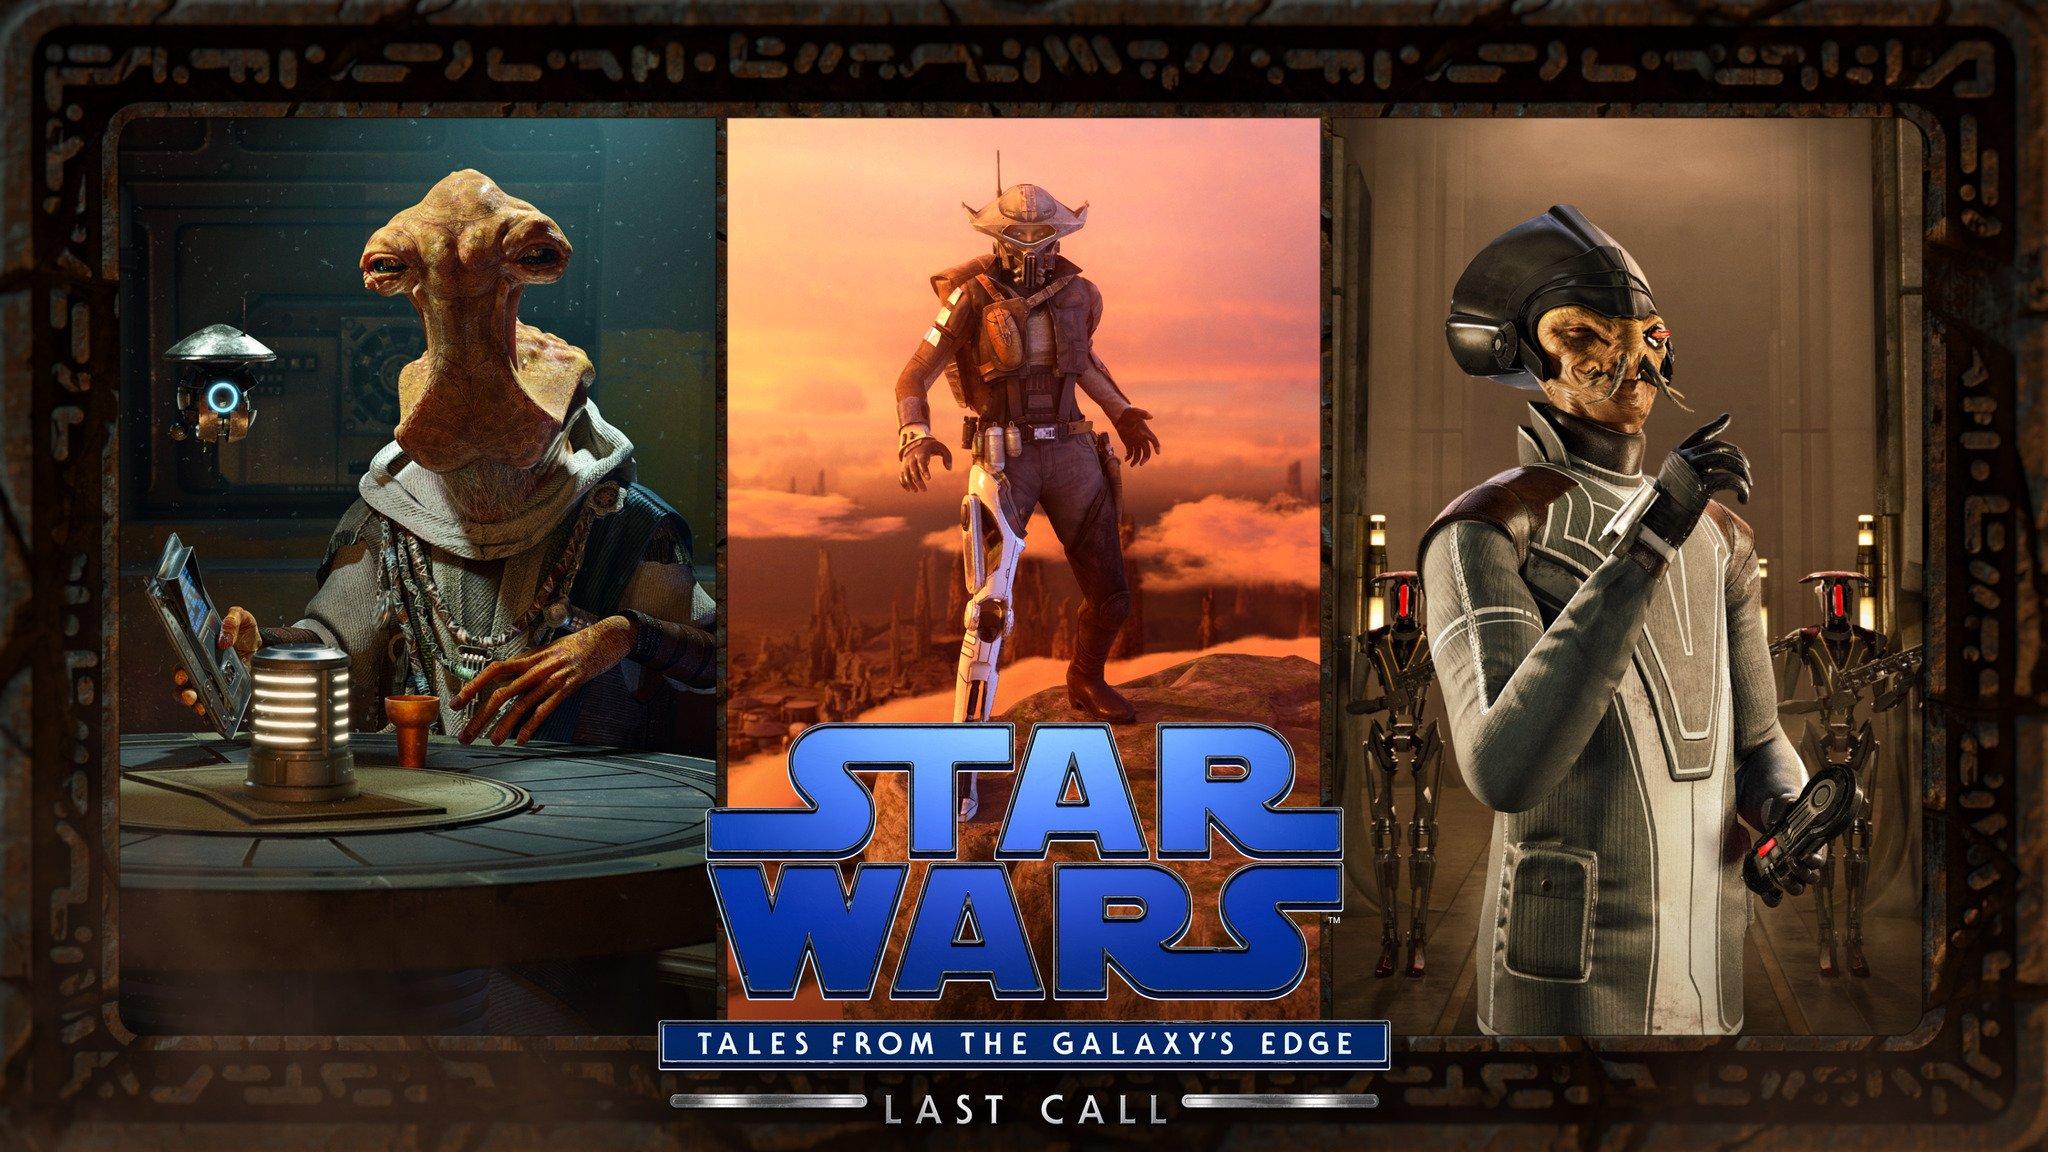 Star Wars: Tales From Galaxy's Edge